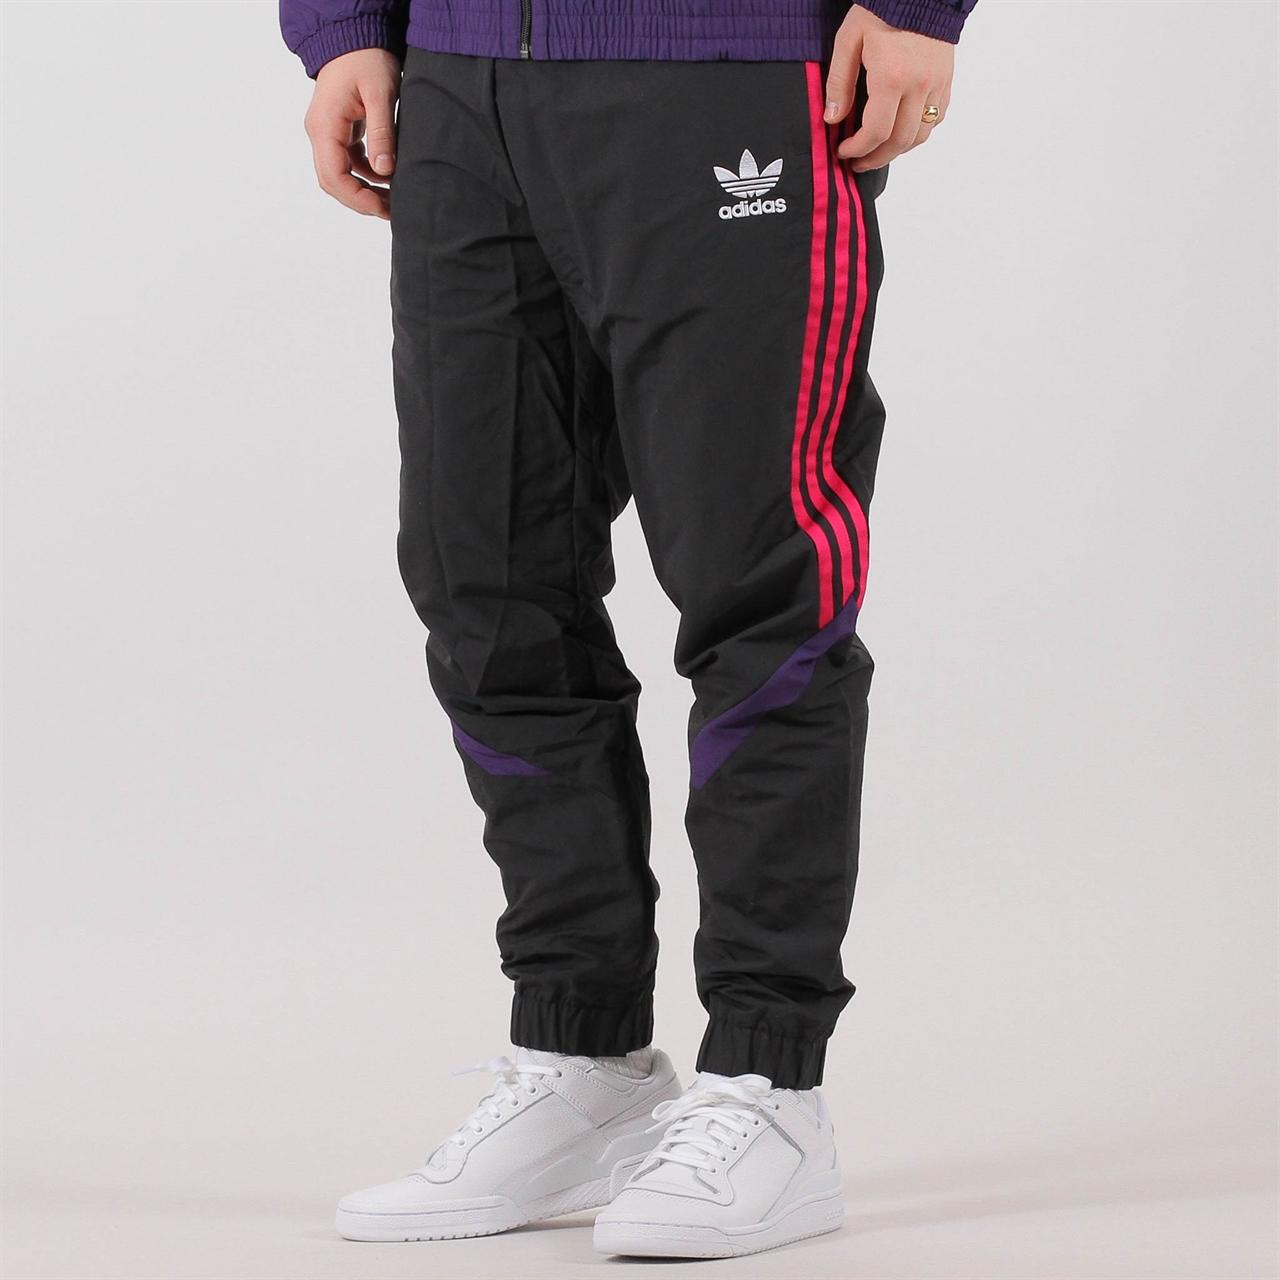 29a9aec04 Adidas Originals Sportive Track Pant (EJ0951) - Shelta